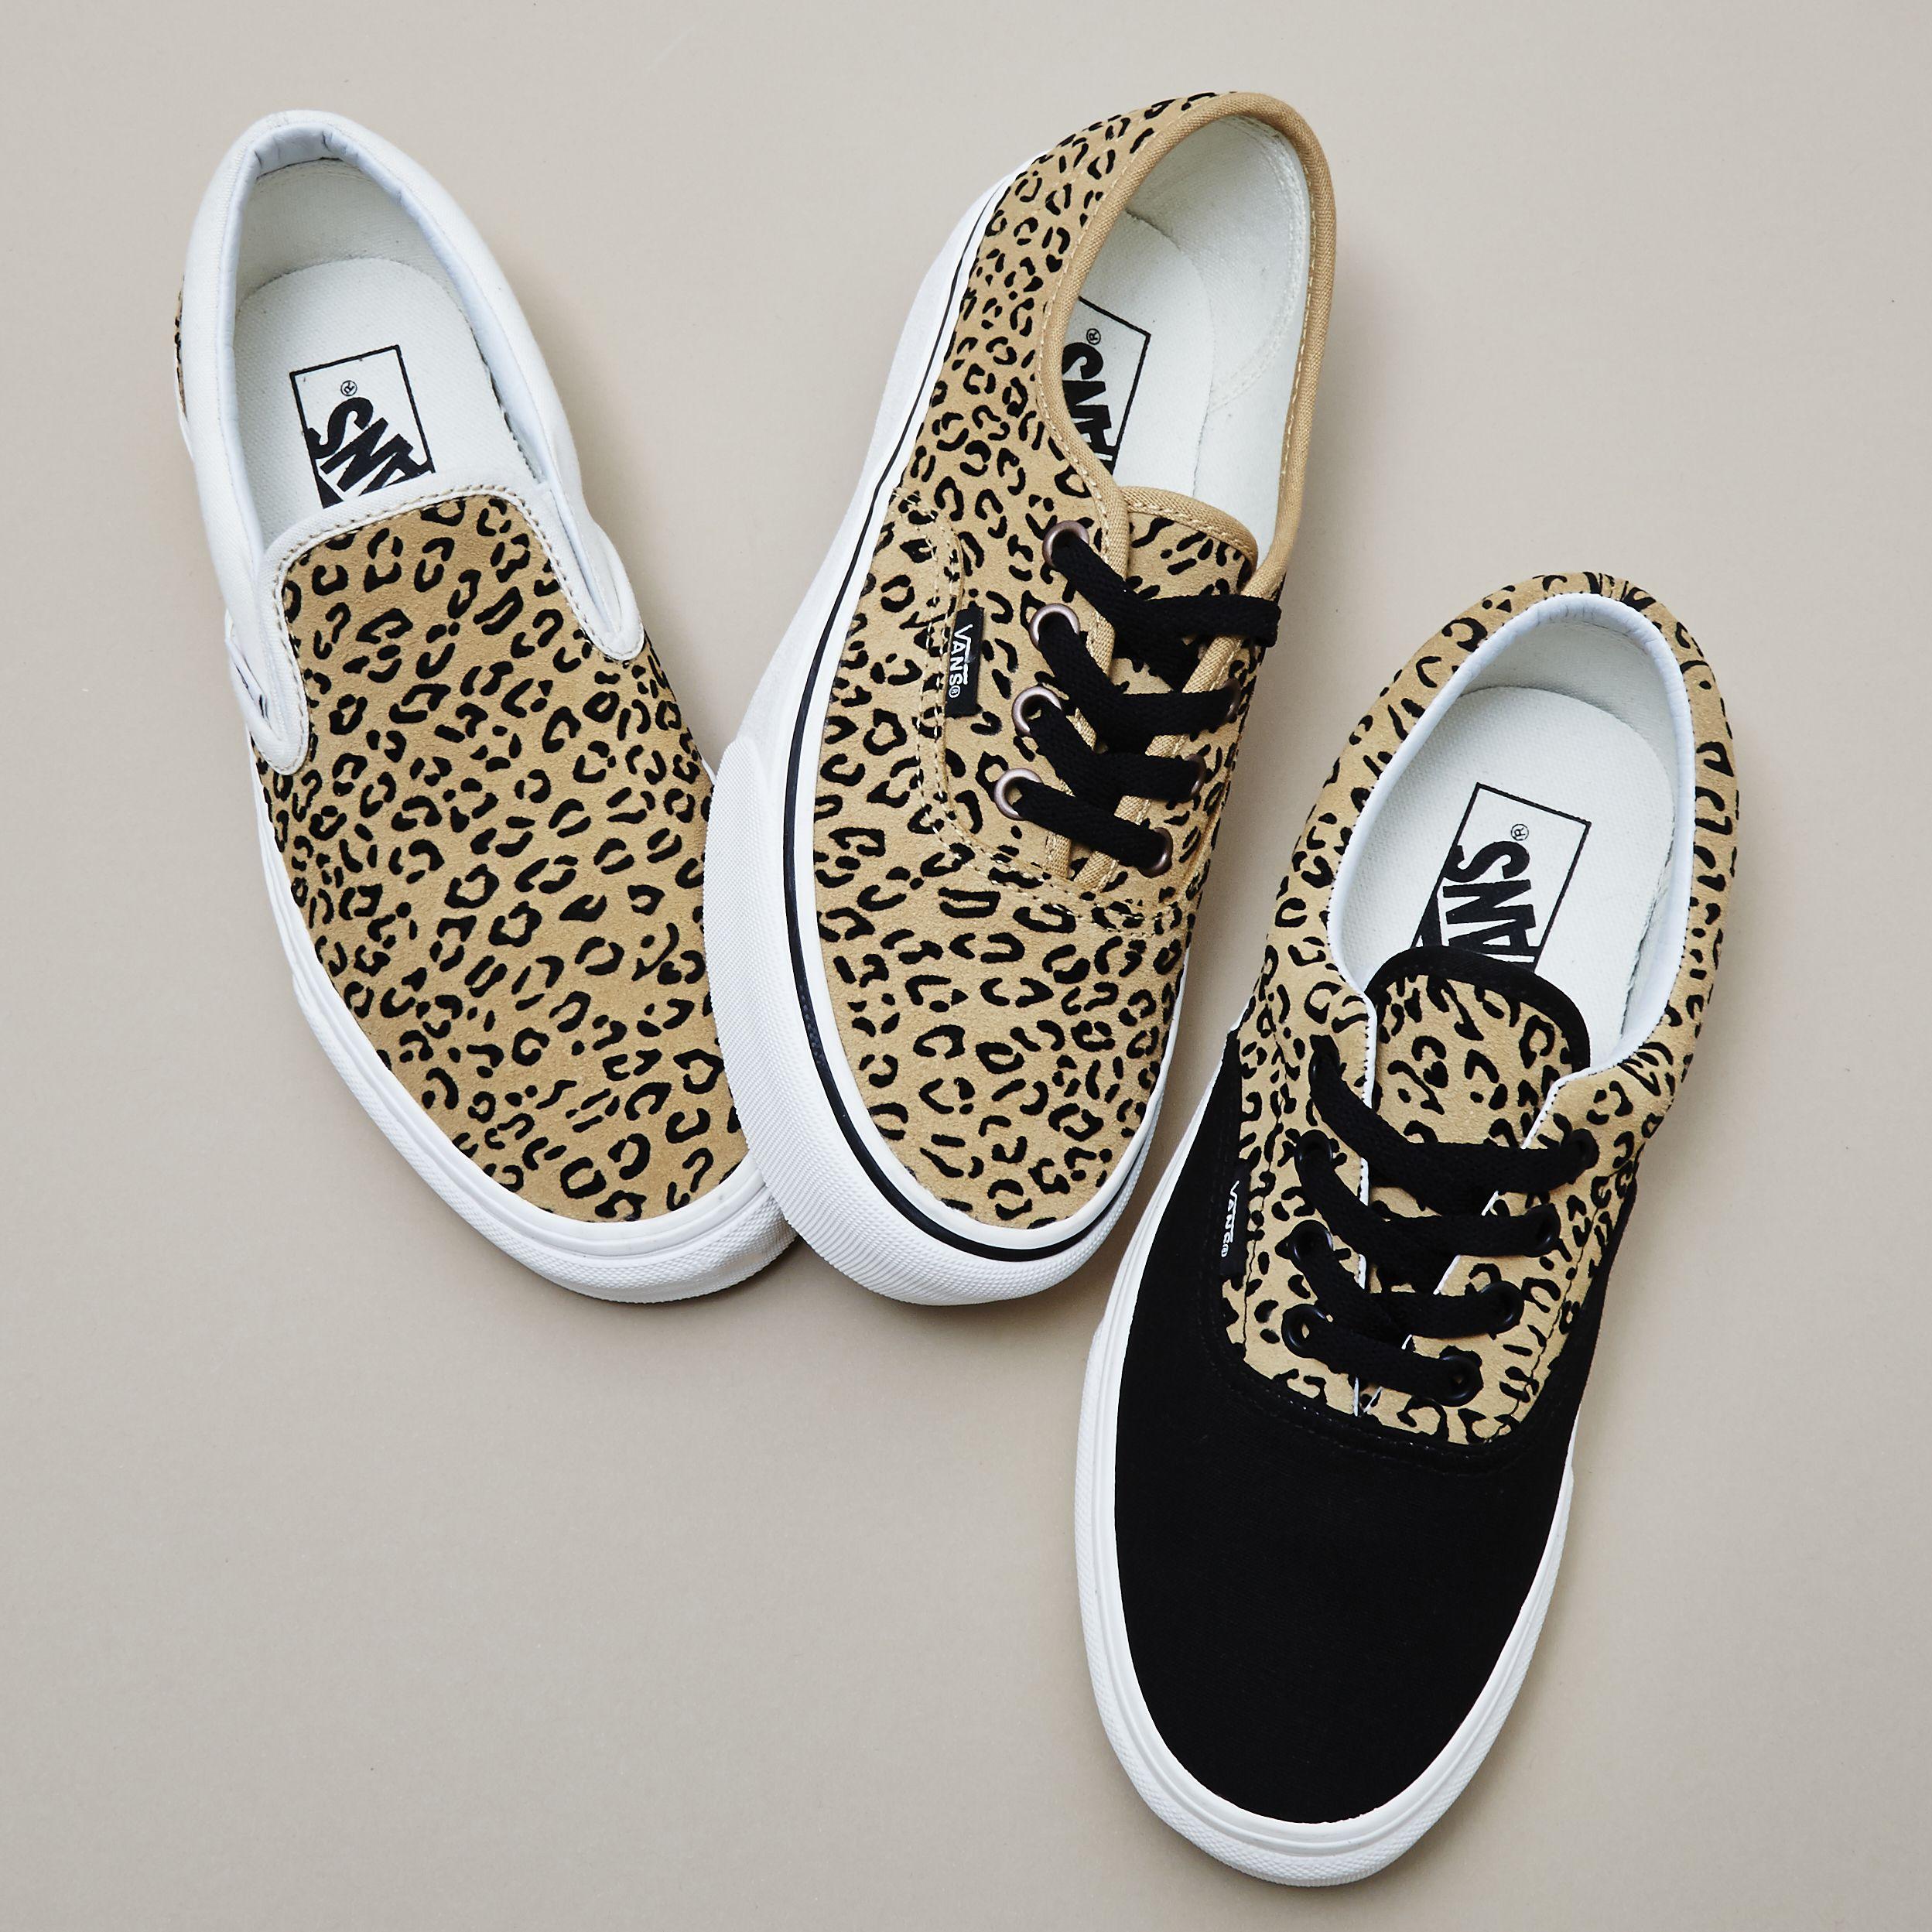 Leopard print + vans_europe \u003d ❤️️❤️️❤️️